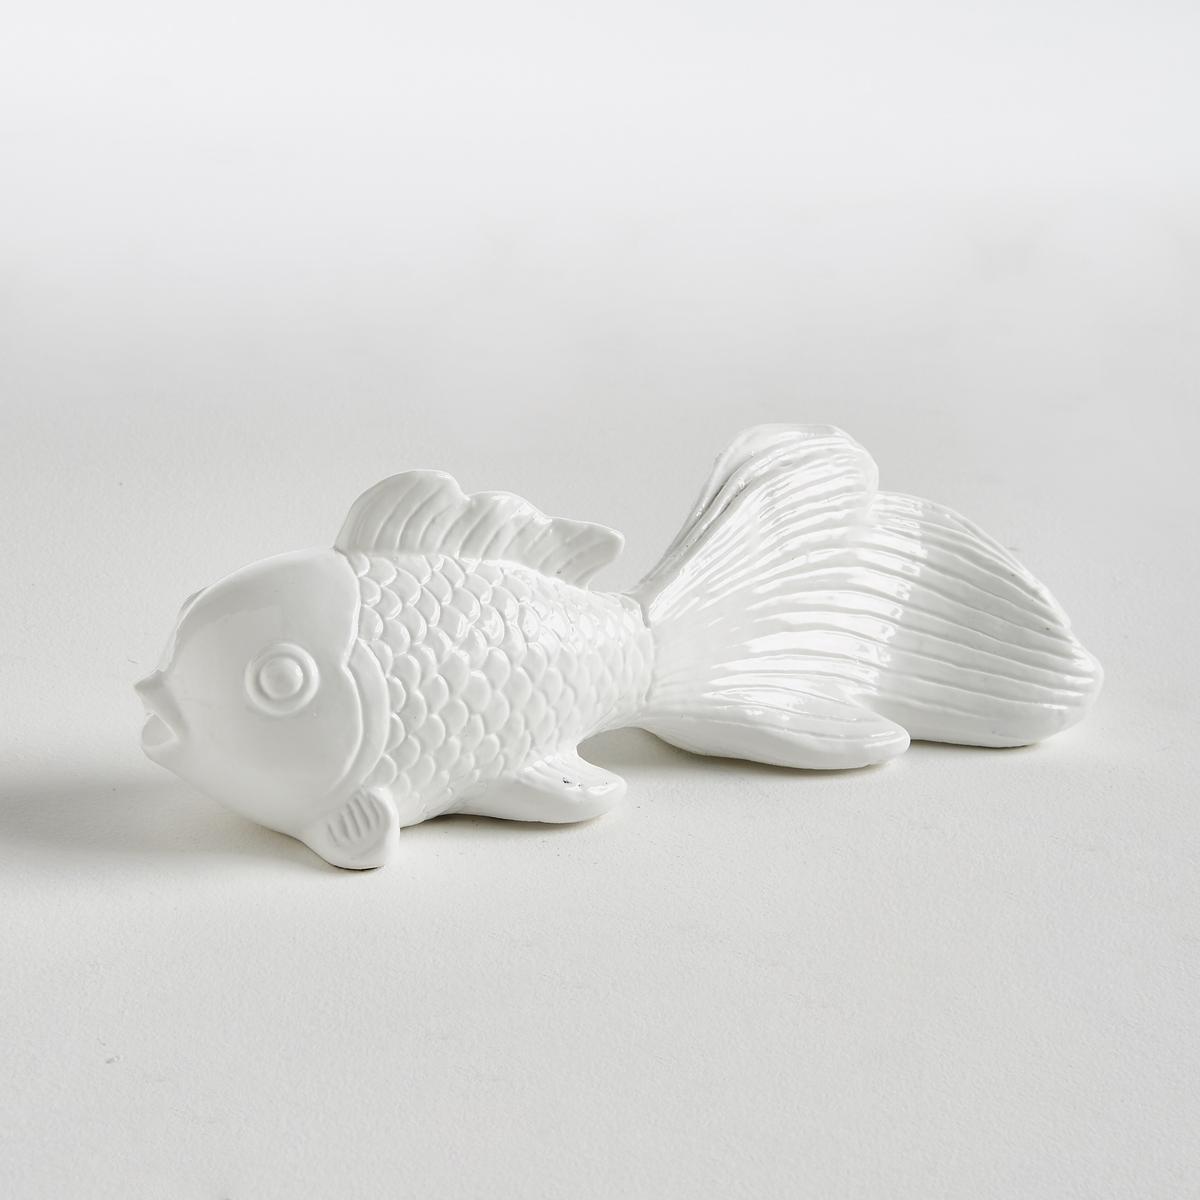 Рыба керамическая эмалированная CarassiusДекоративная рыба Carassius. Символ удачи в Азии, эта рыба придаст экзотики вашему декору.Характеристики :- Эмалированная керамикаРазмеры : - Д35 x В12,5 x Г11 см<br><br>Цвет: белый,красный<br>Размер: единый размер